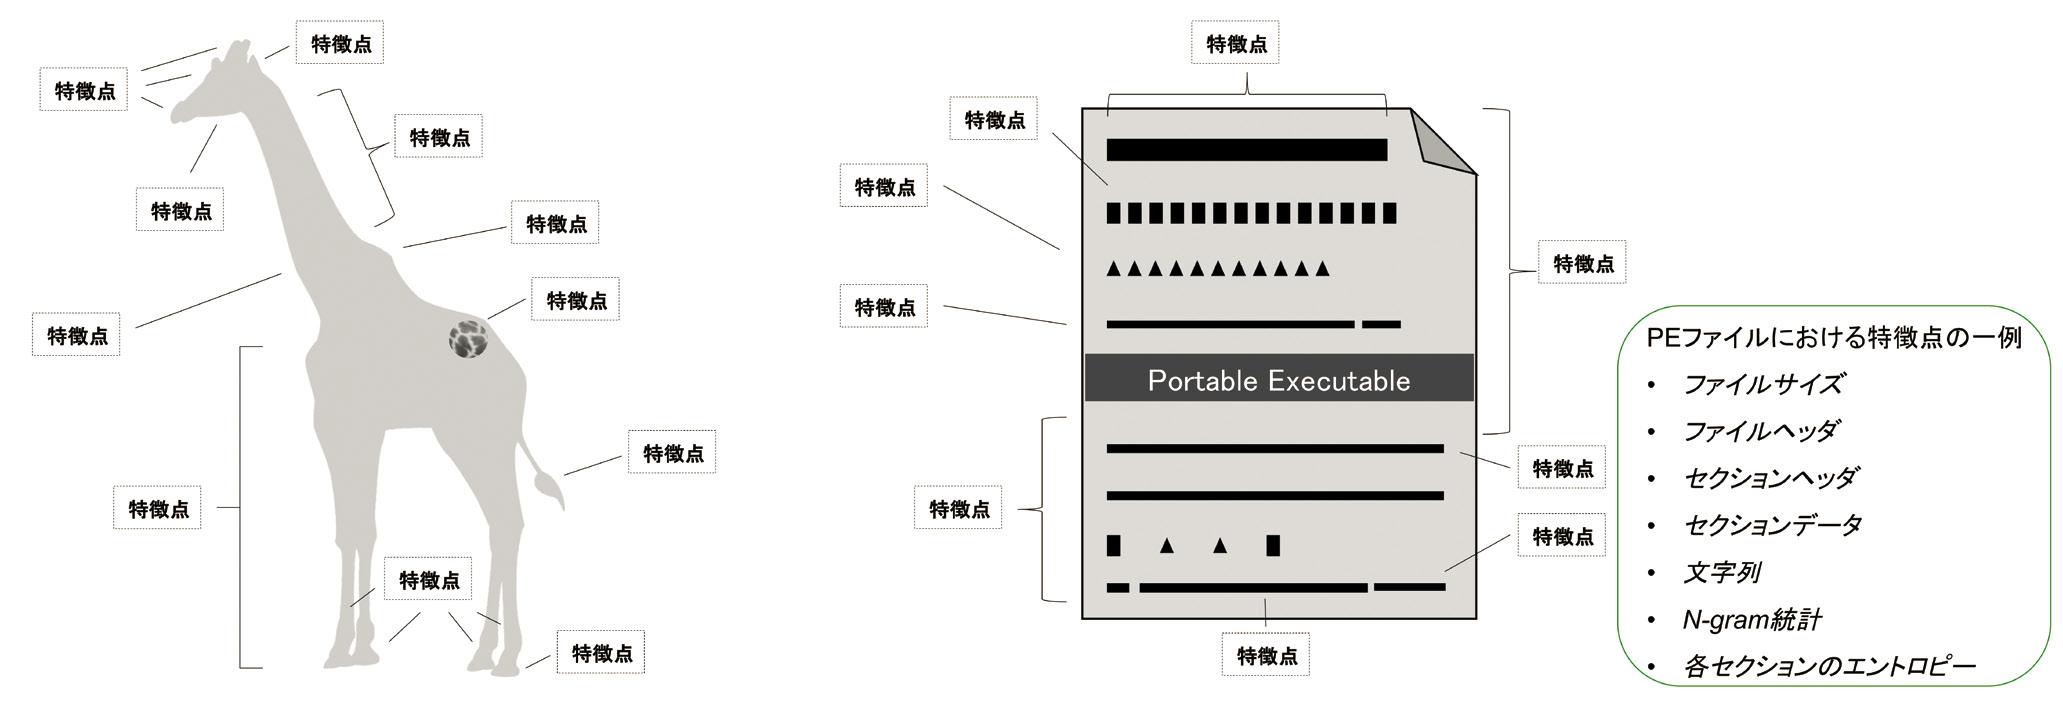 図2:CylancePROTECT のマルウェア判定に用いる「特徴点」のイメージ。キリンかそうでないかの判別ポイントを設けるのと同様に、マルウェアに顕在する判別ポイントを特徴点として設け、高精度な判定を行う(出典:Cylance Japan)